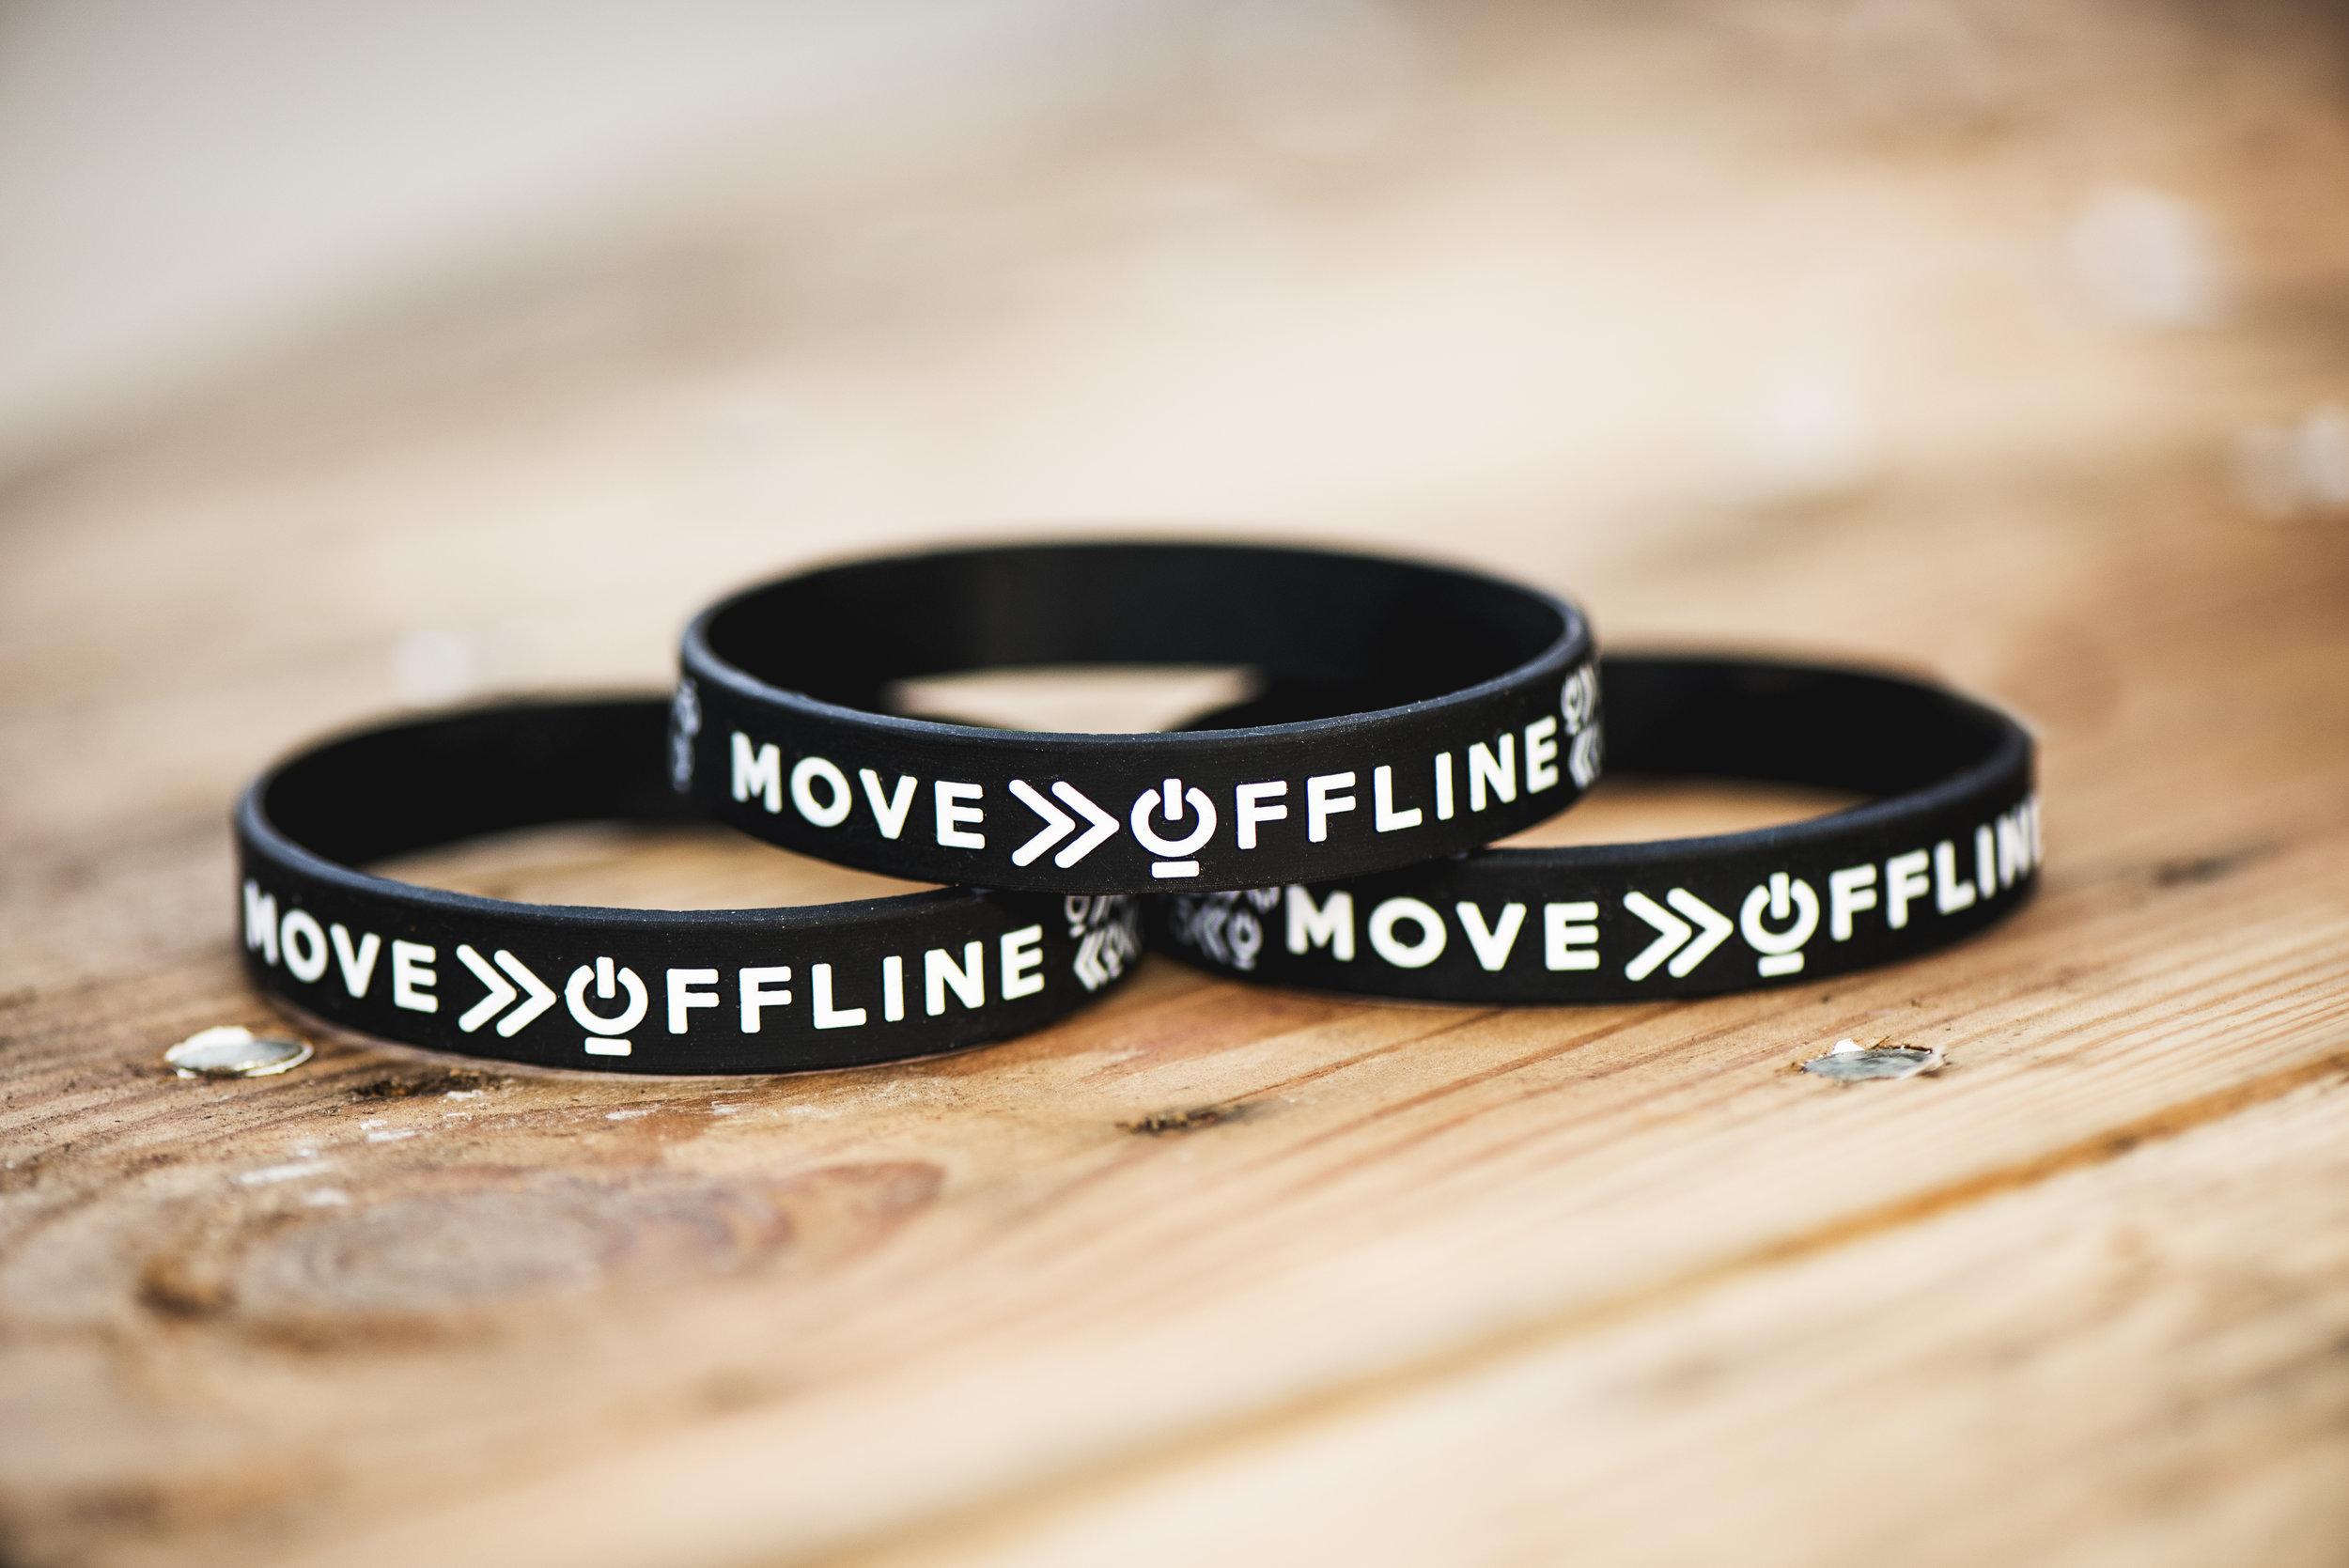 Move offline (1).jpg